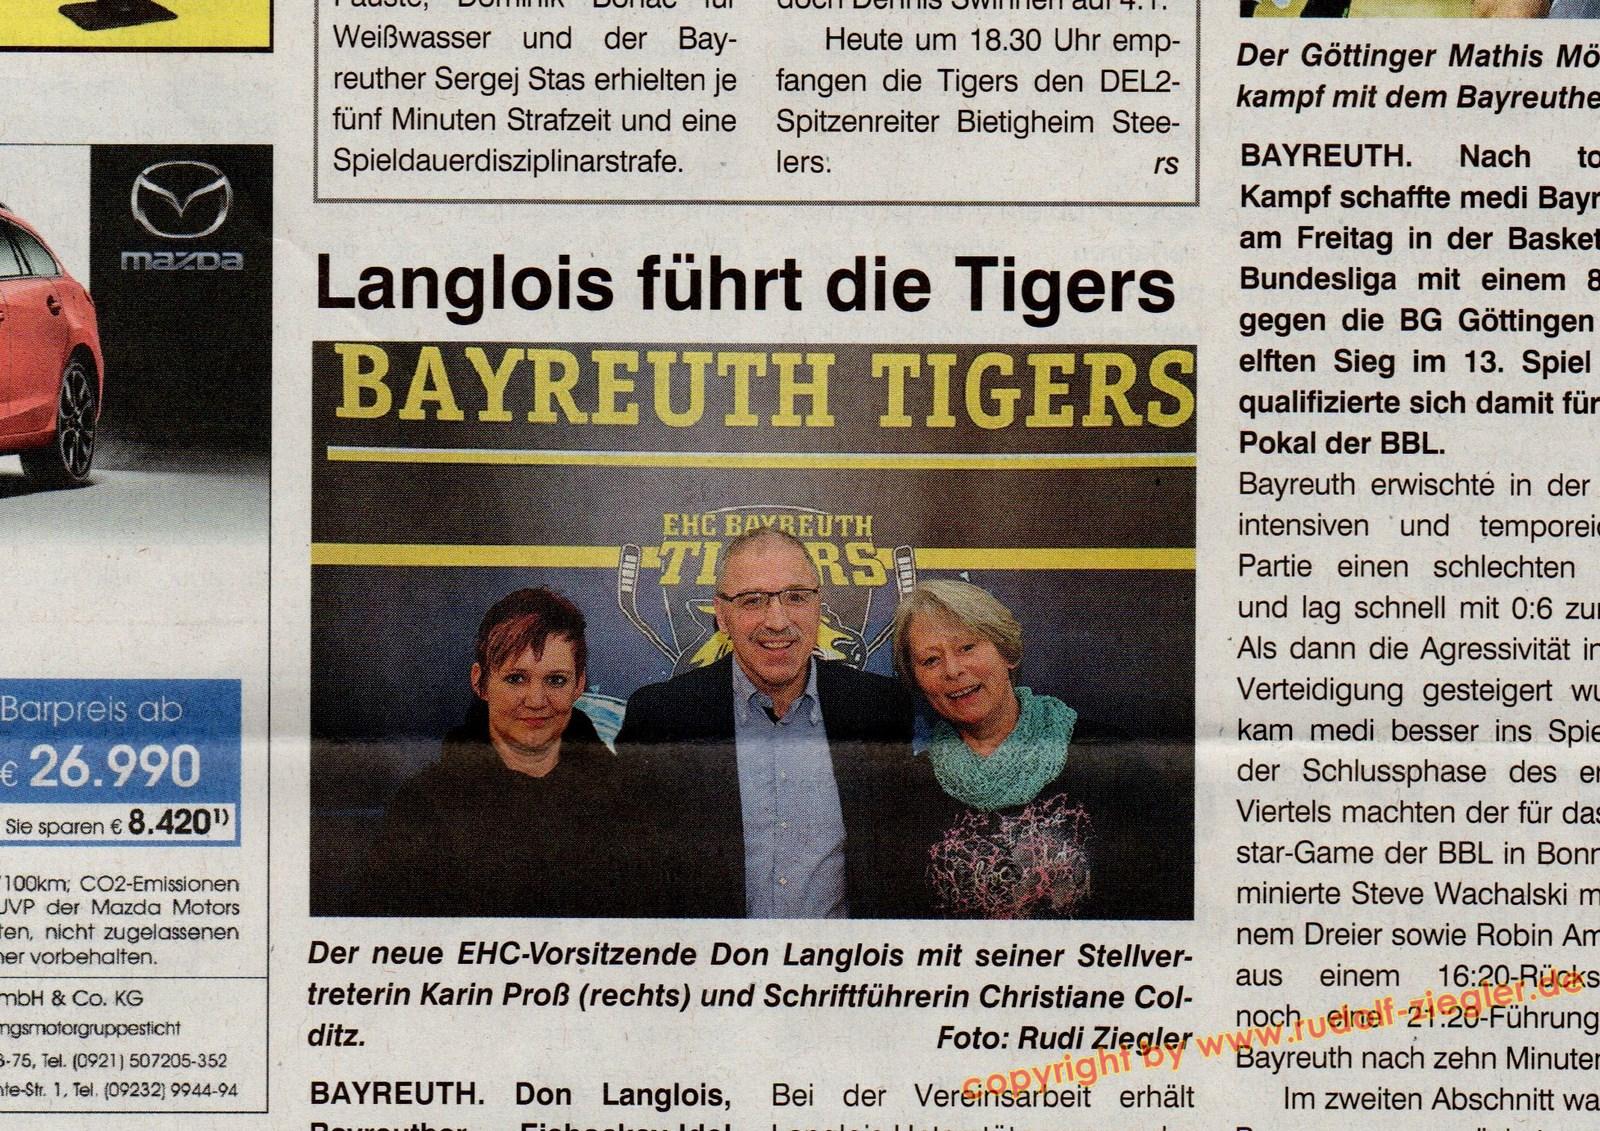 Bayreuther Sonntagszeitung 2016-12-11-Bearb (1600x1200)